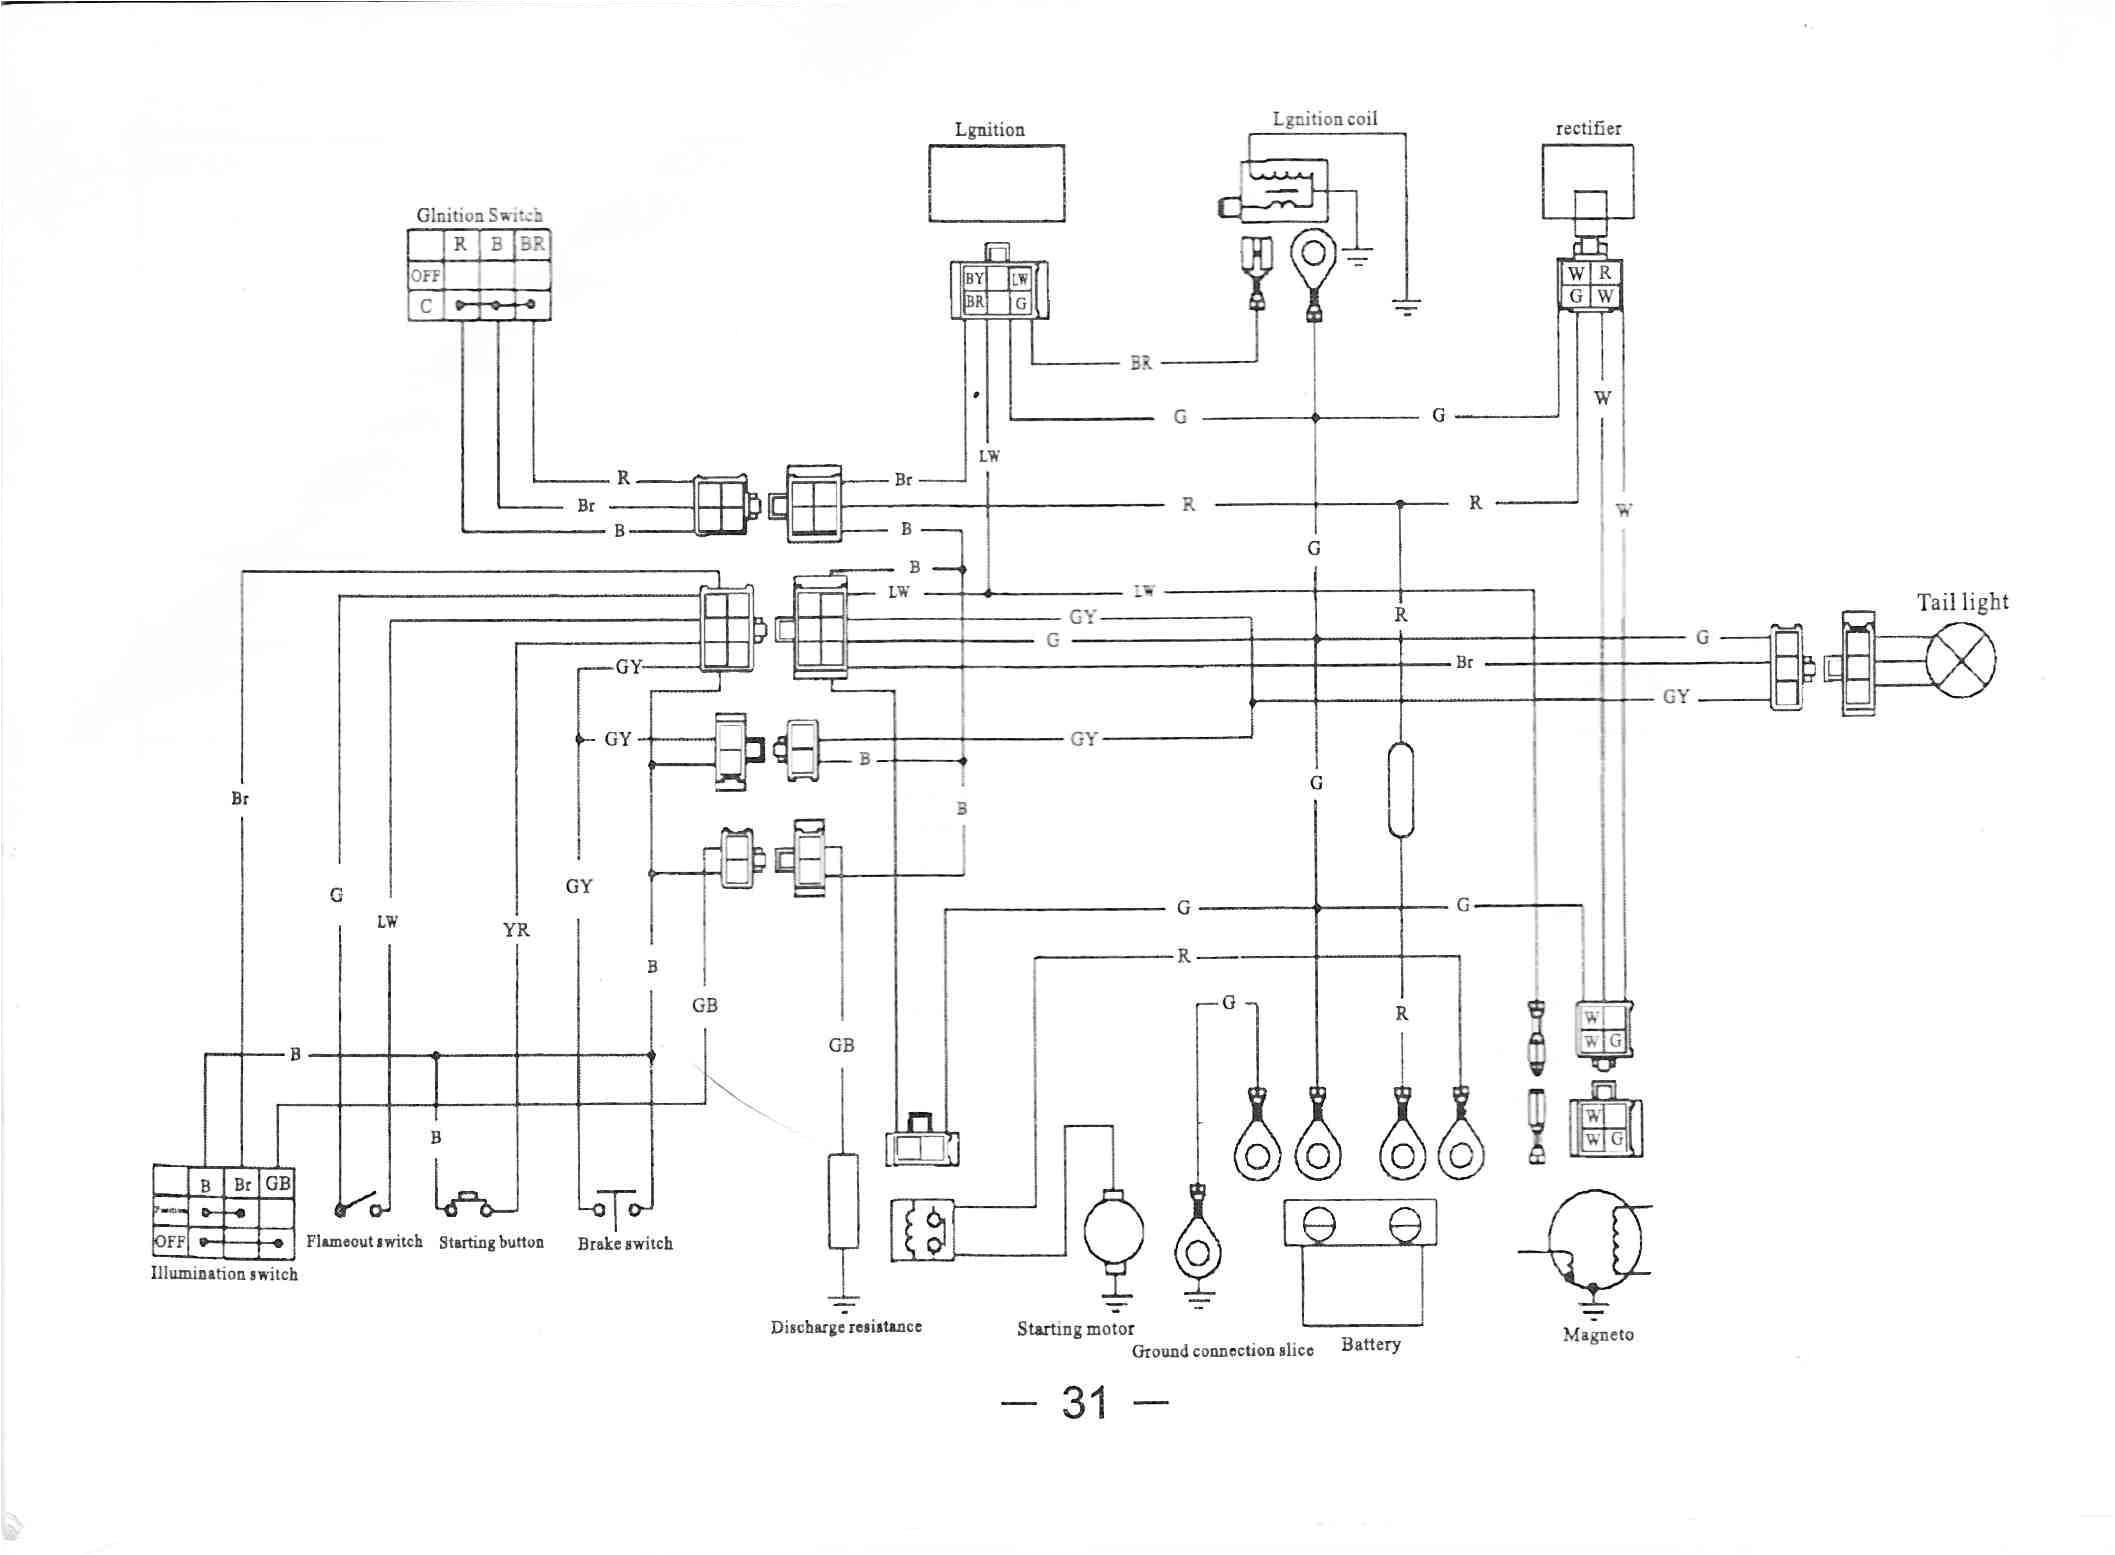 50cc atv wiring diagram wiring diagrams 50 quads wiring diagrams wiring diagram home hensim 50cc atv